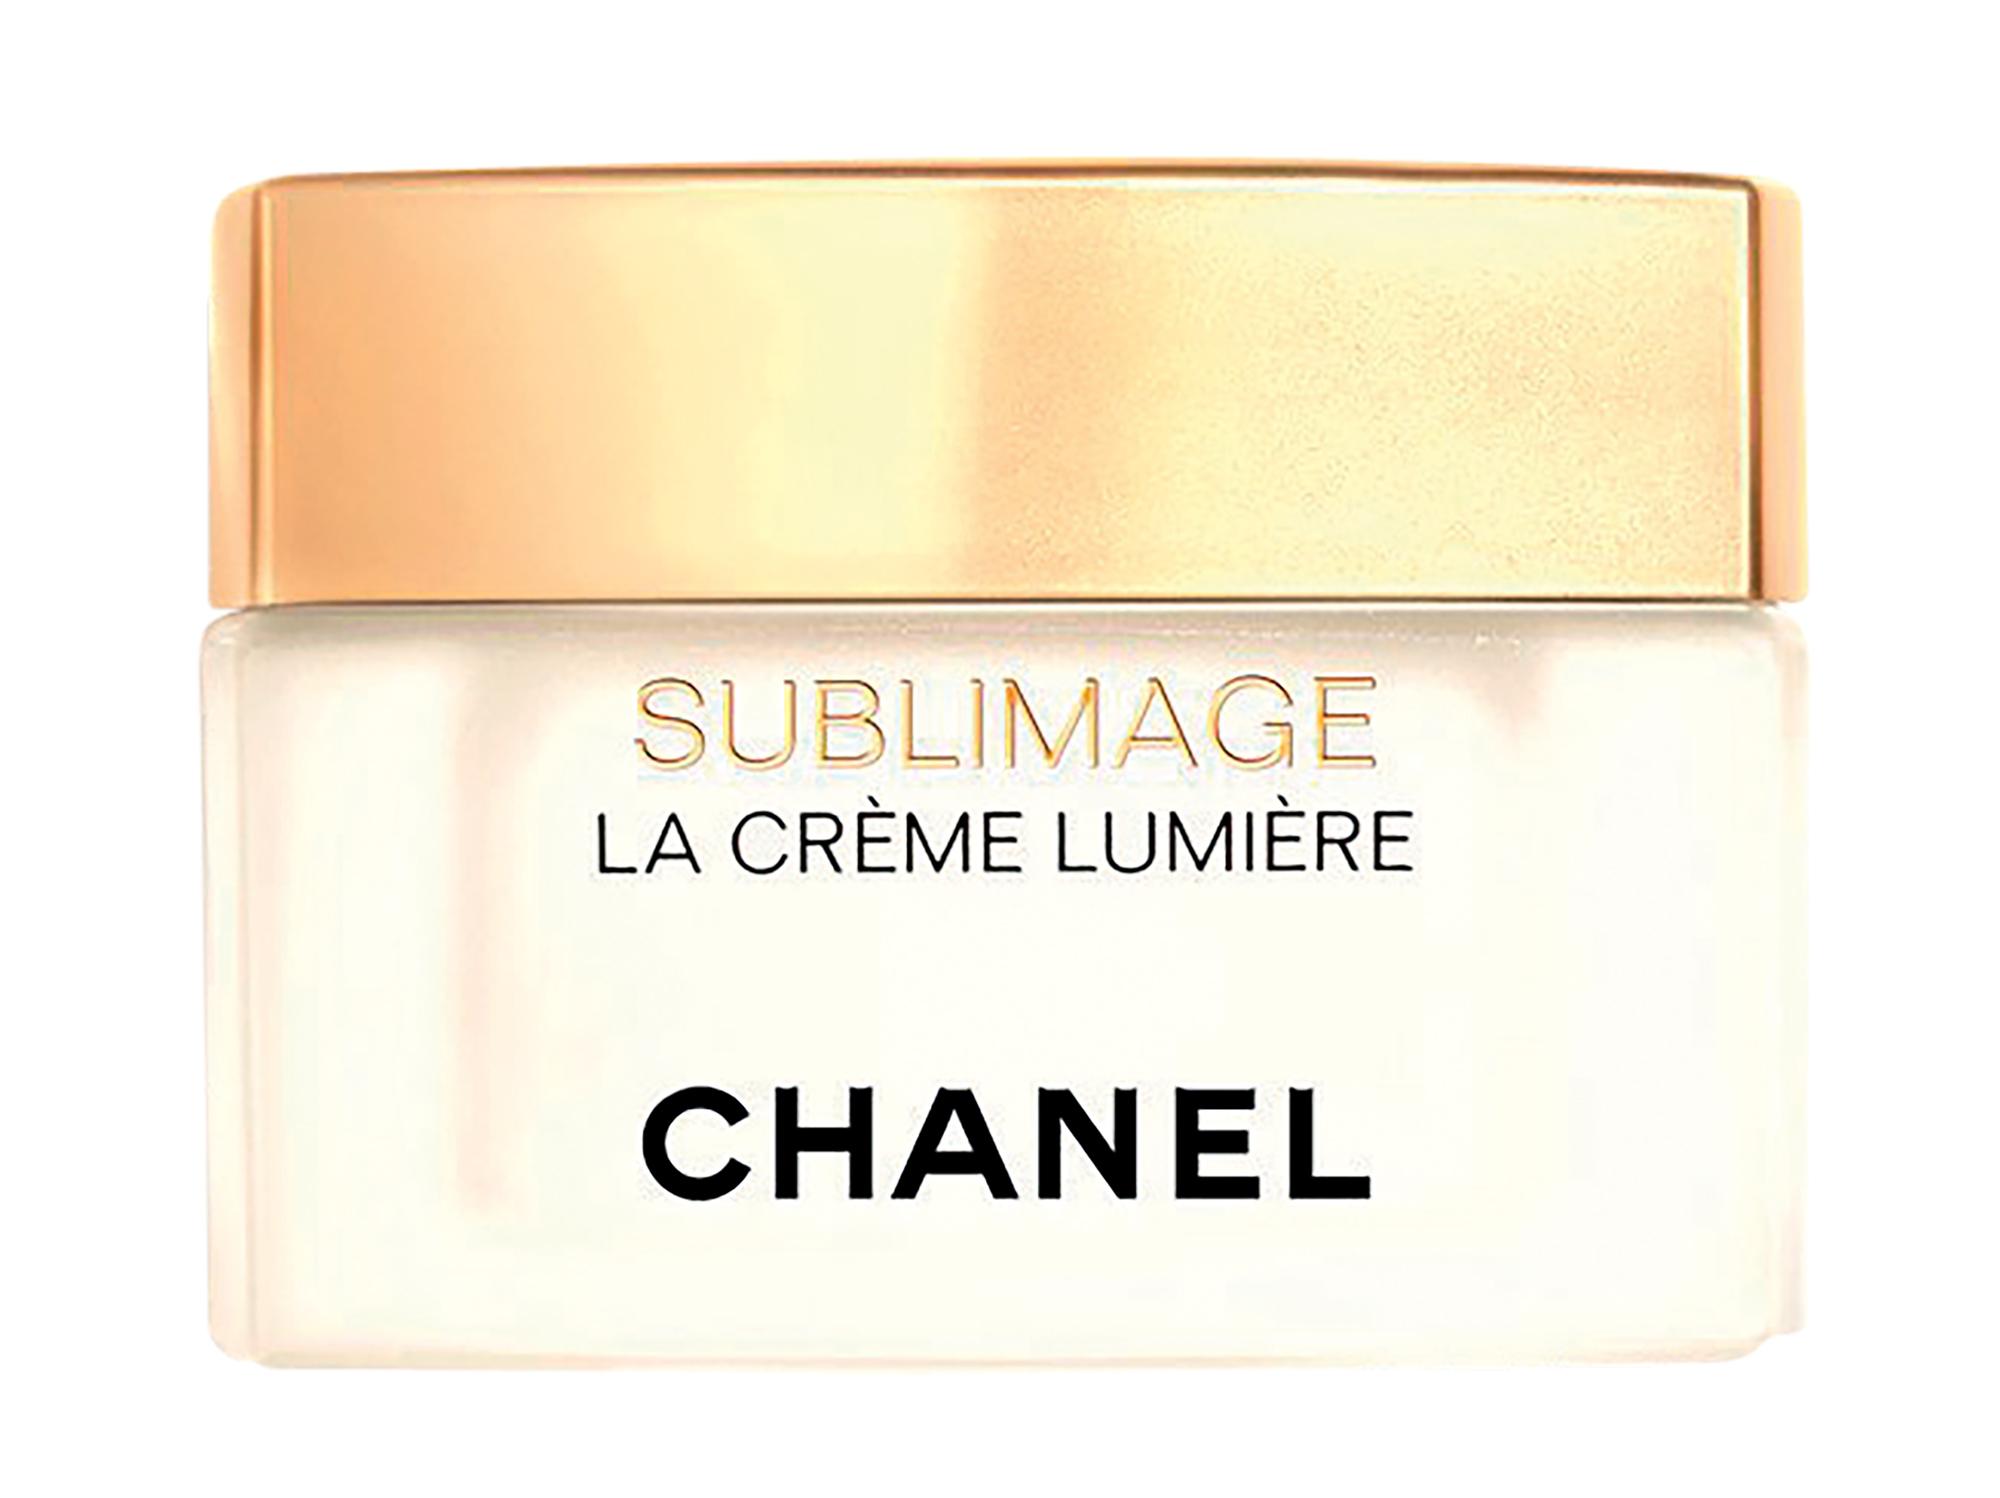 dưỡng trắng sản phẩm Chanel